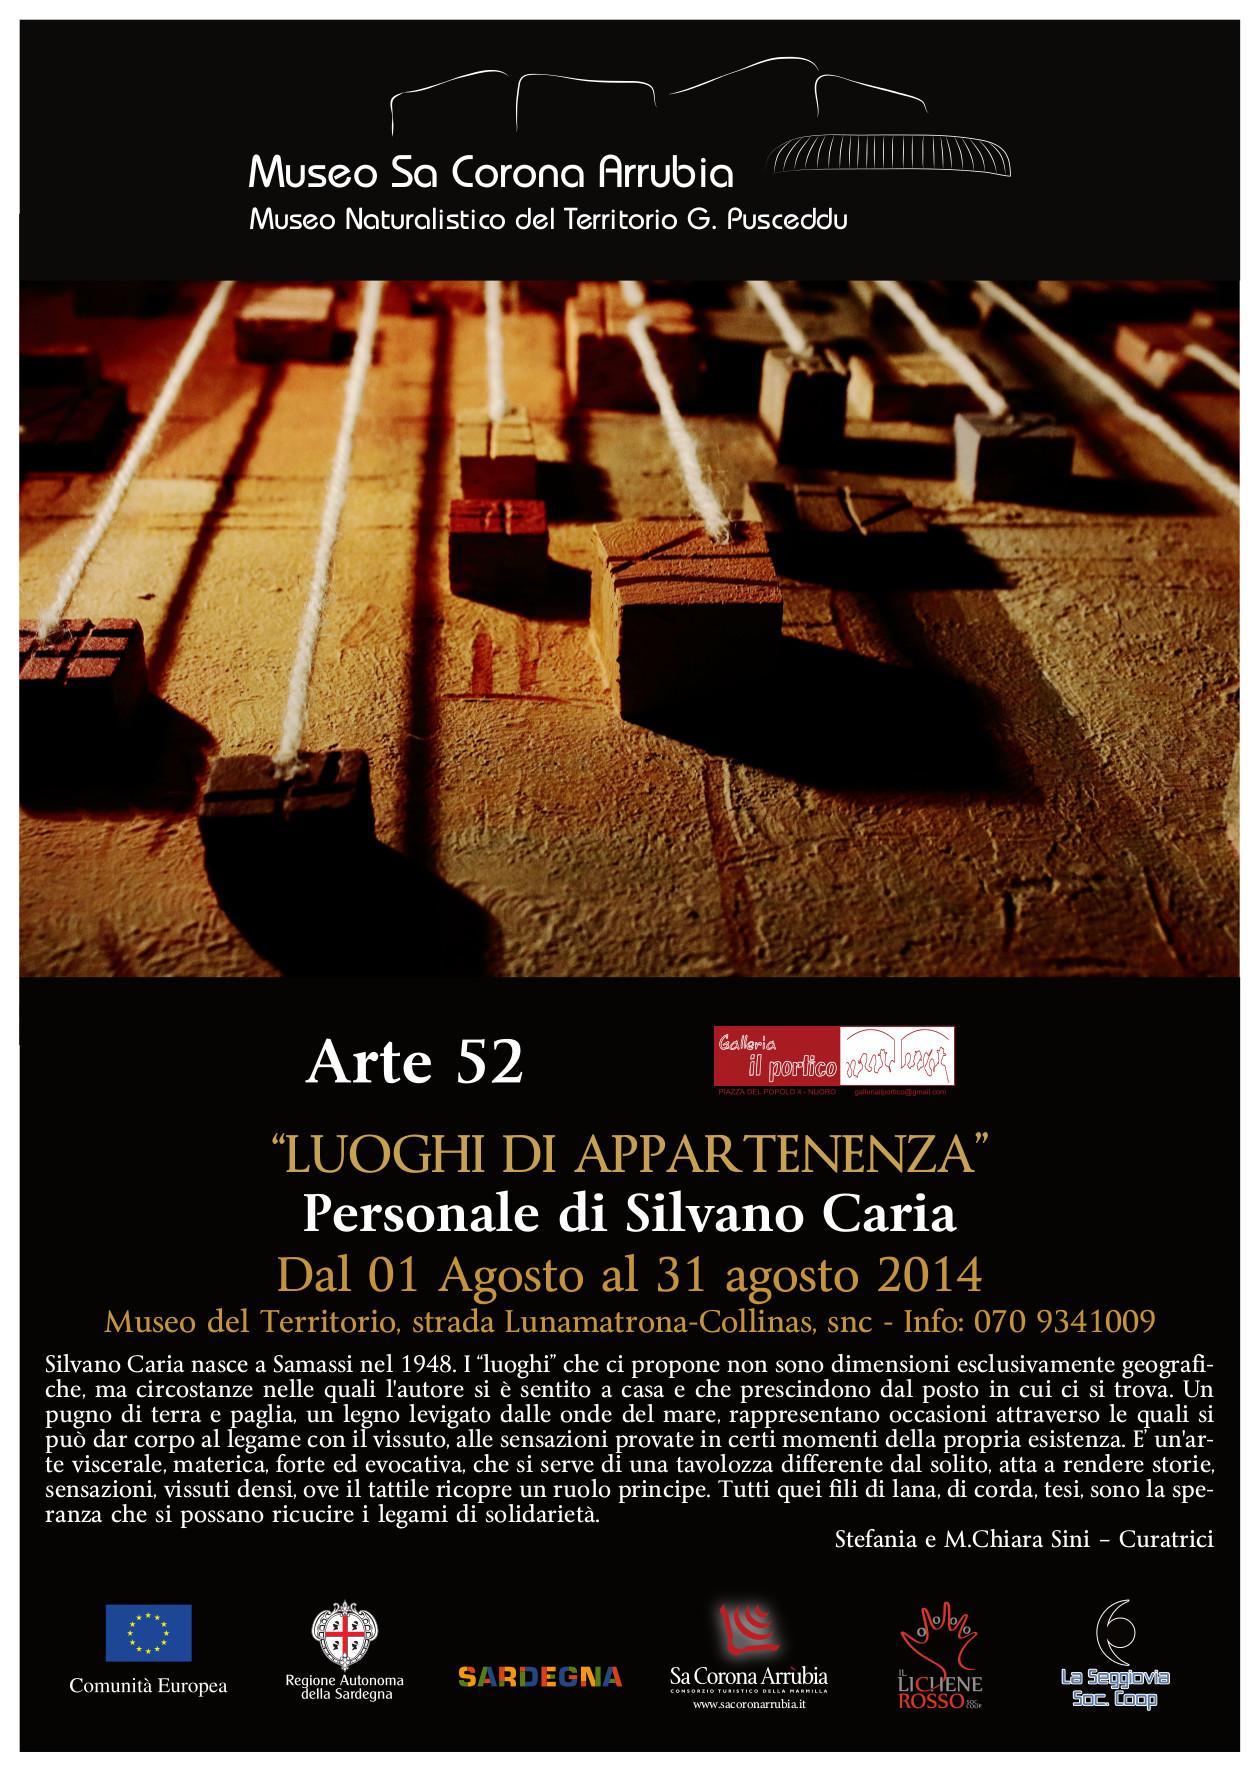 """Personale di Silvano Caria """"LUOGHI DI APPARTENENZA"""" dal 1 al 31 agosto 2014 Museo naturalistico del territorio """"G. Pusceddu"""" Strada Lunamatrona-Collinas"""